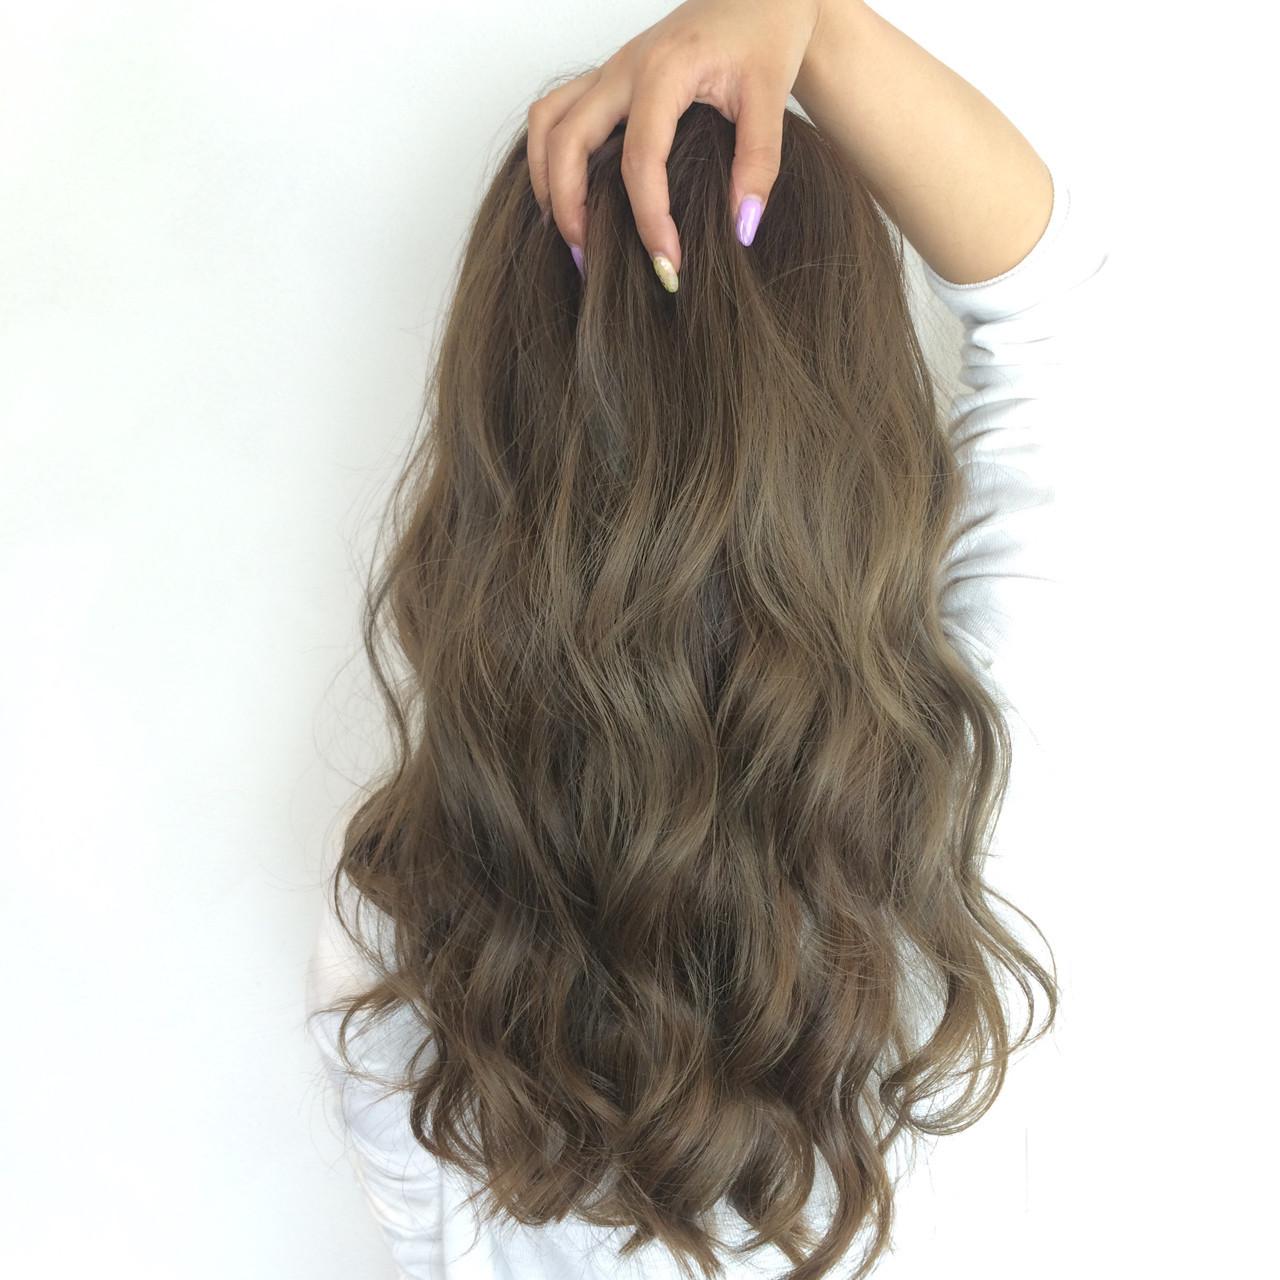 オリーブアッシュ ストリート アッシュ 大人かわいい ヘアスタイルや髪型の写真・画像